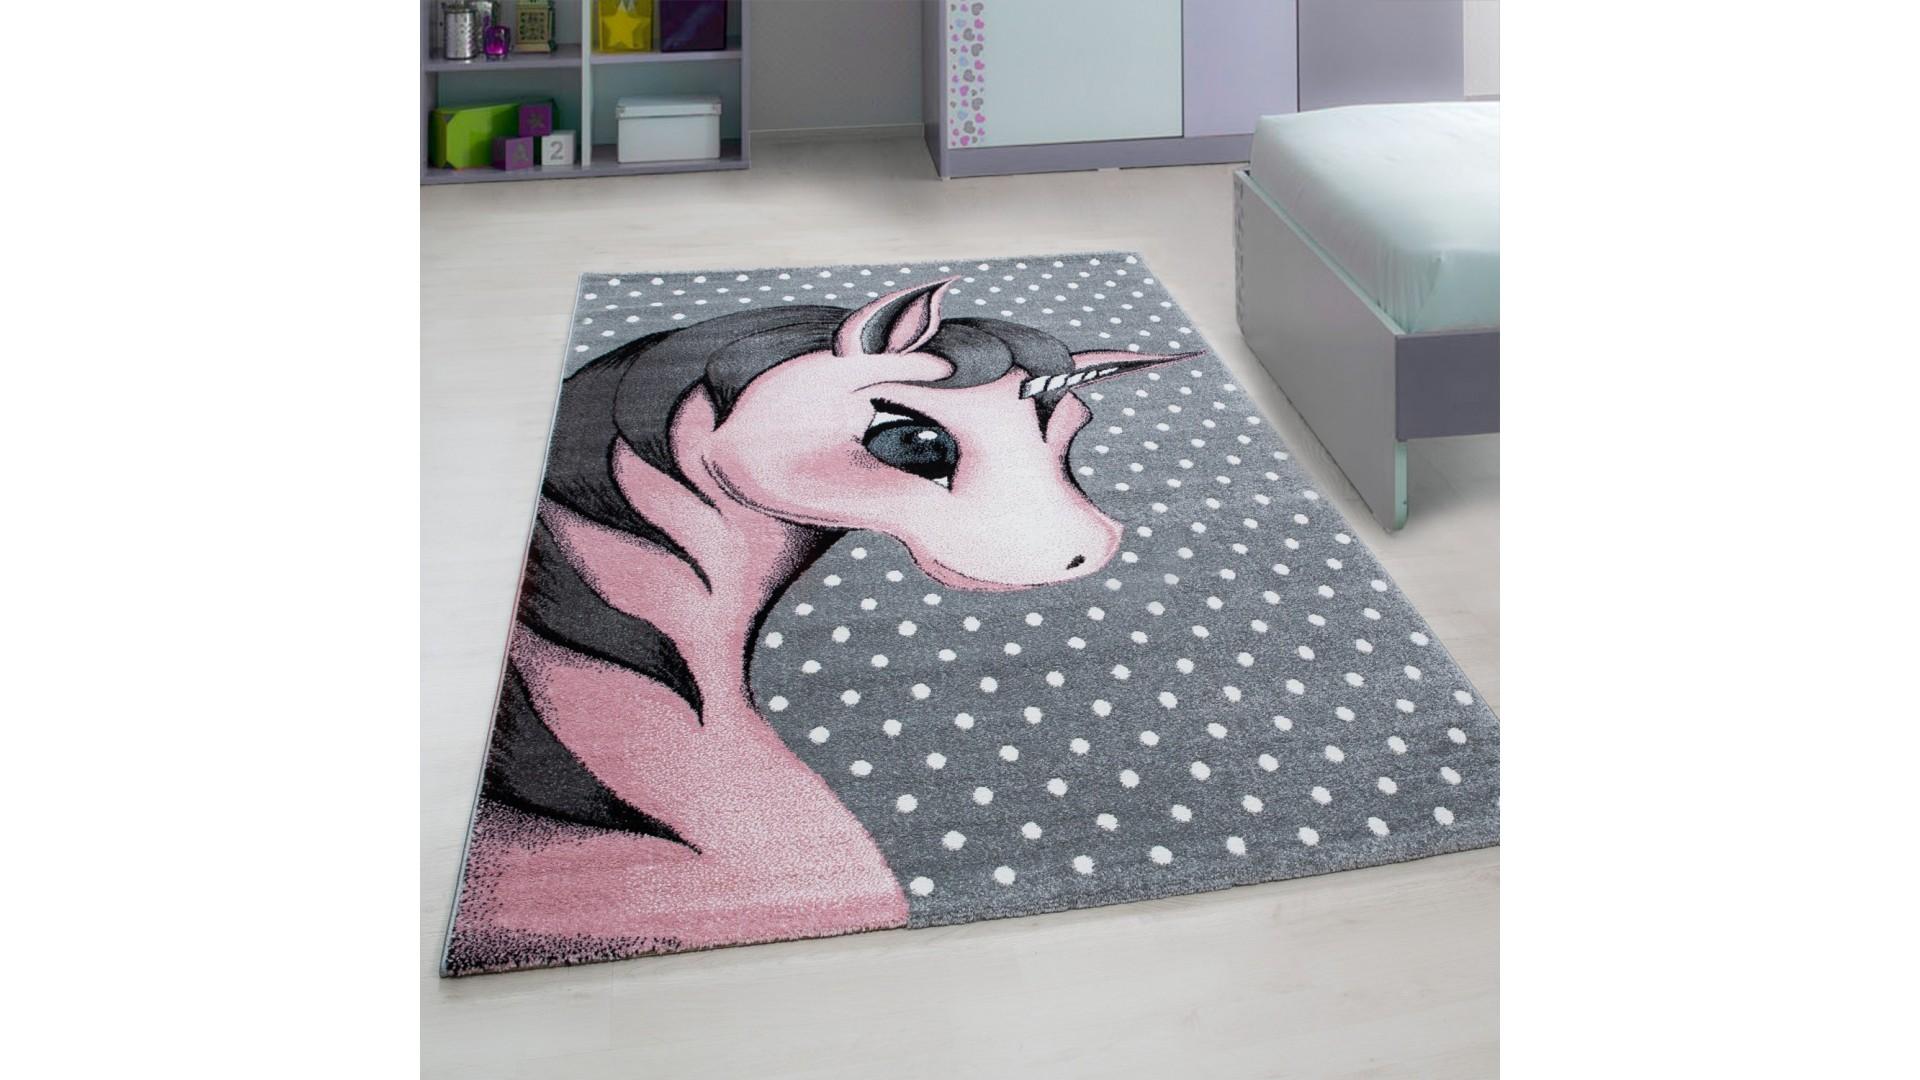 Przepiękny różowy jednorożec umieszczony w rogu dywanu.